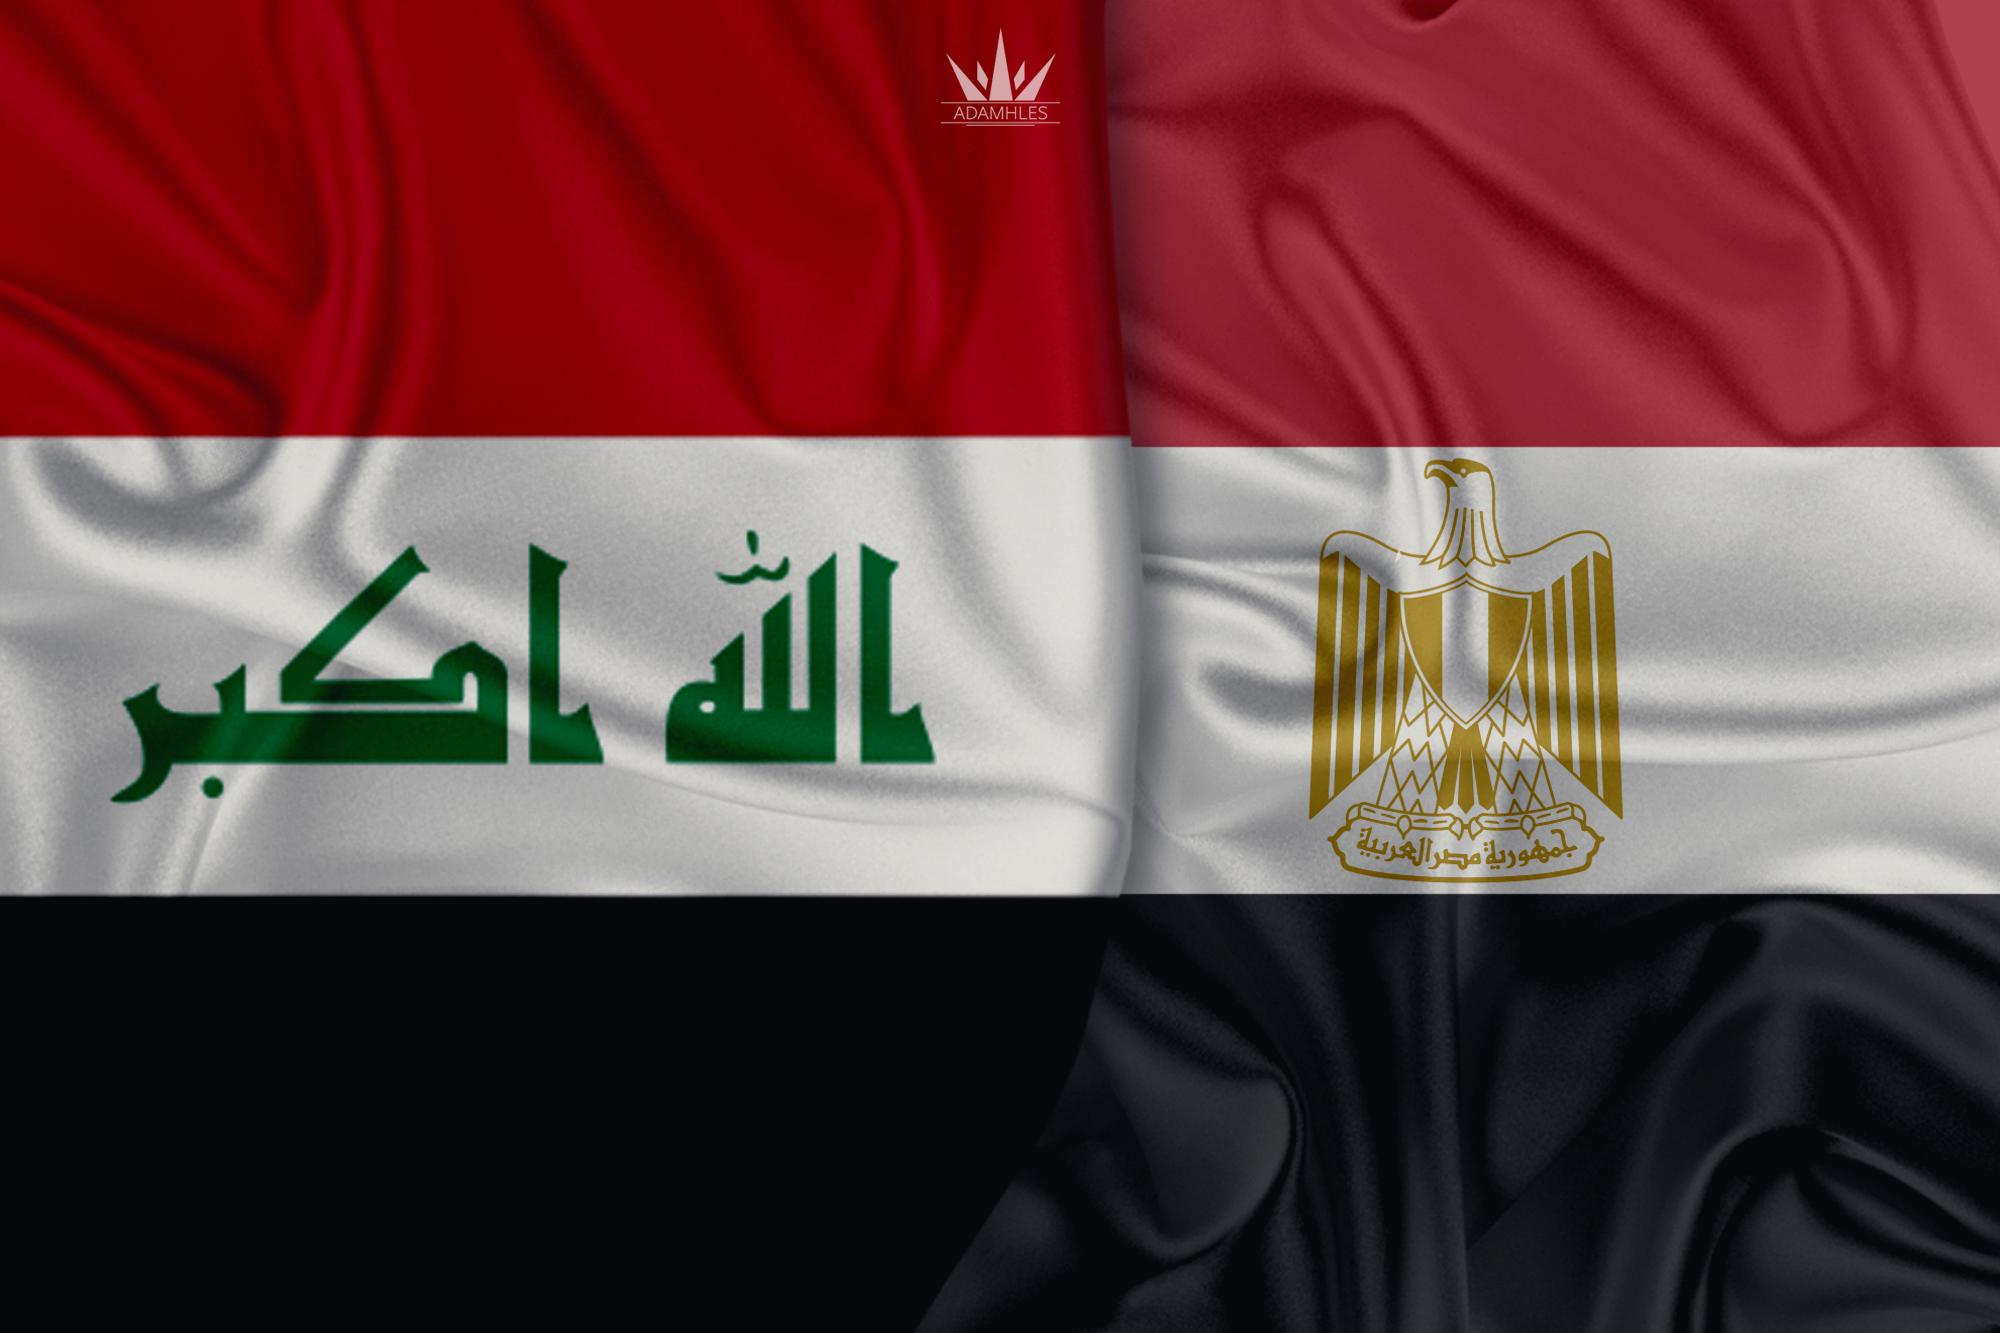 خلفية علم العراق ومصر اجمل خلفيات العلم العراقي والعلم المصري Iraq and Egypt